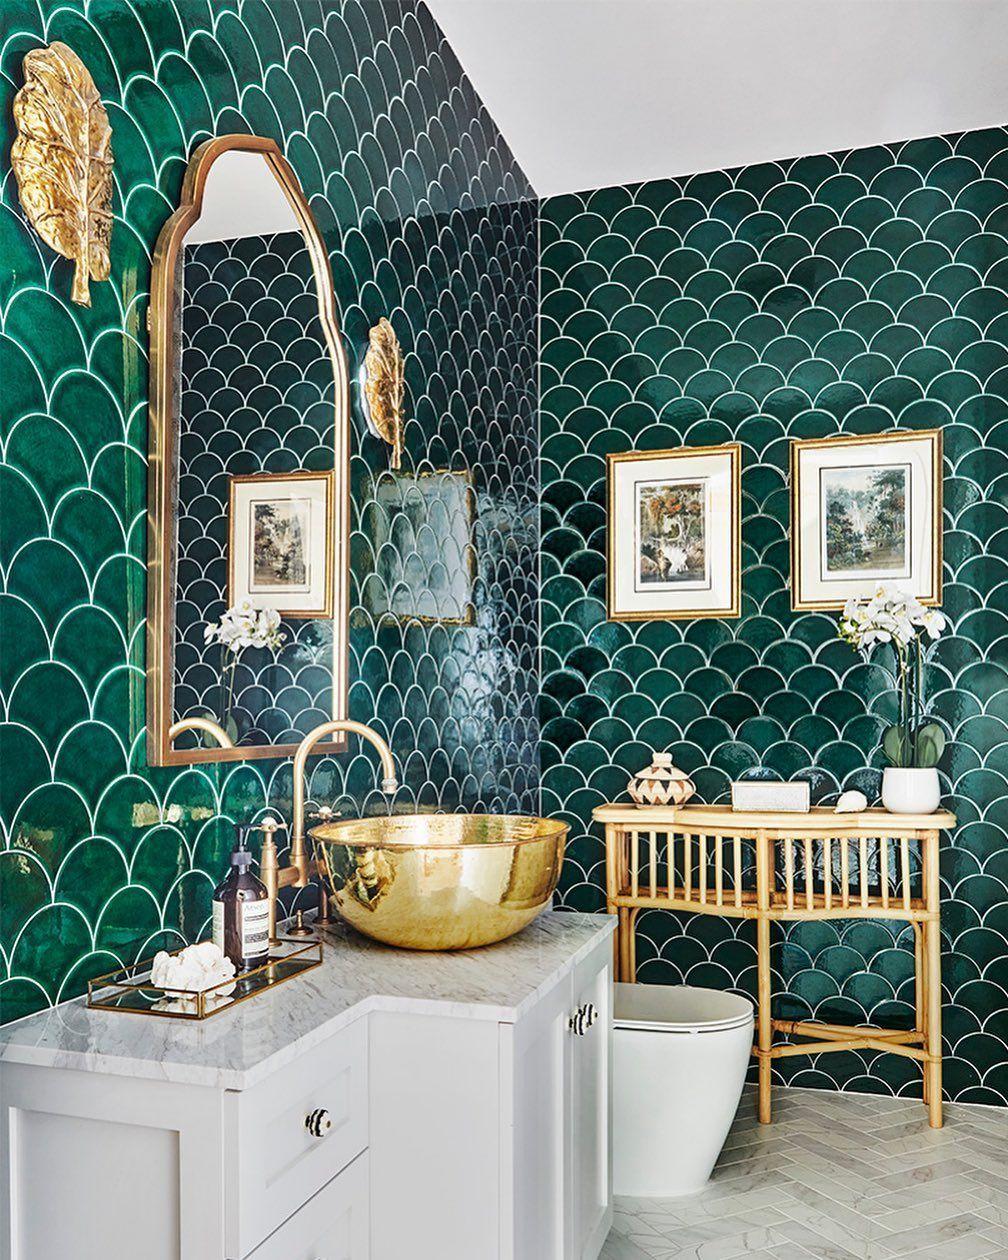 Green Bathroom Sage Green Bathroom Decorating Ideas Bathroom Beautiful And Little Green Notebook Bathroom Green Bathroom Green Bathroom Mirrors Bathroom Decor